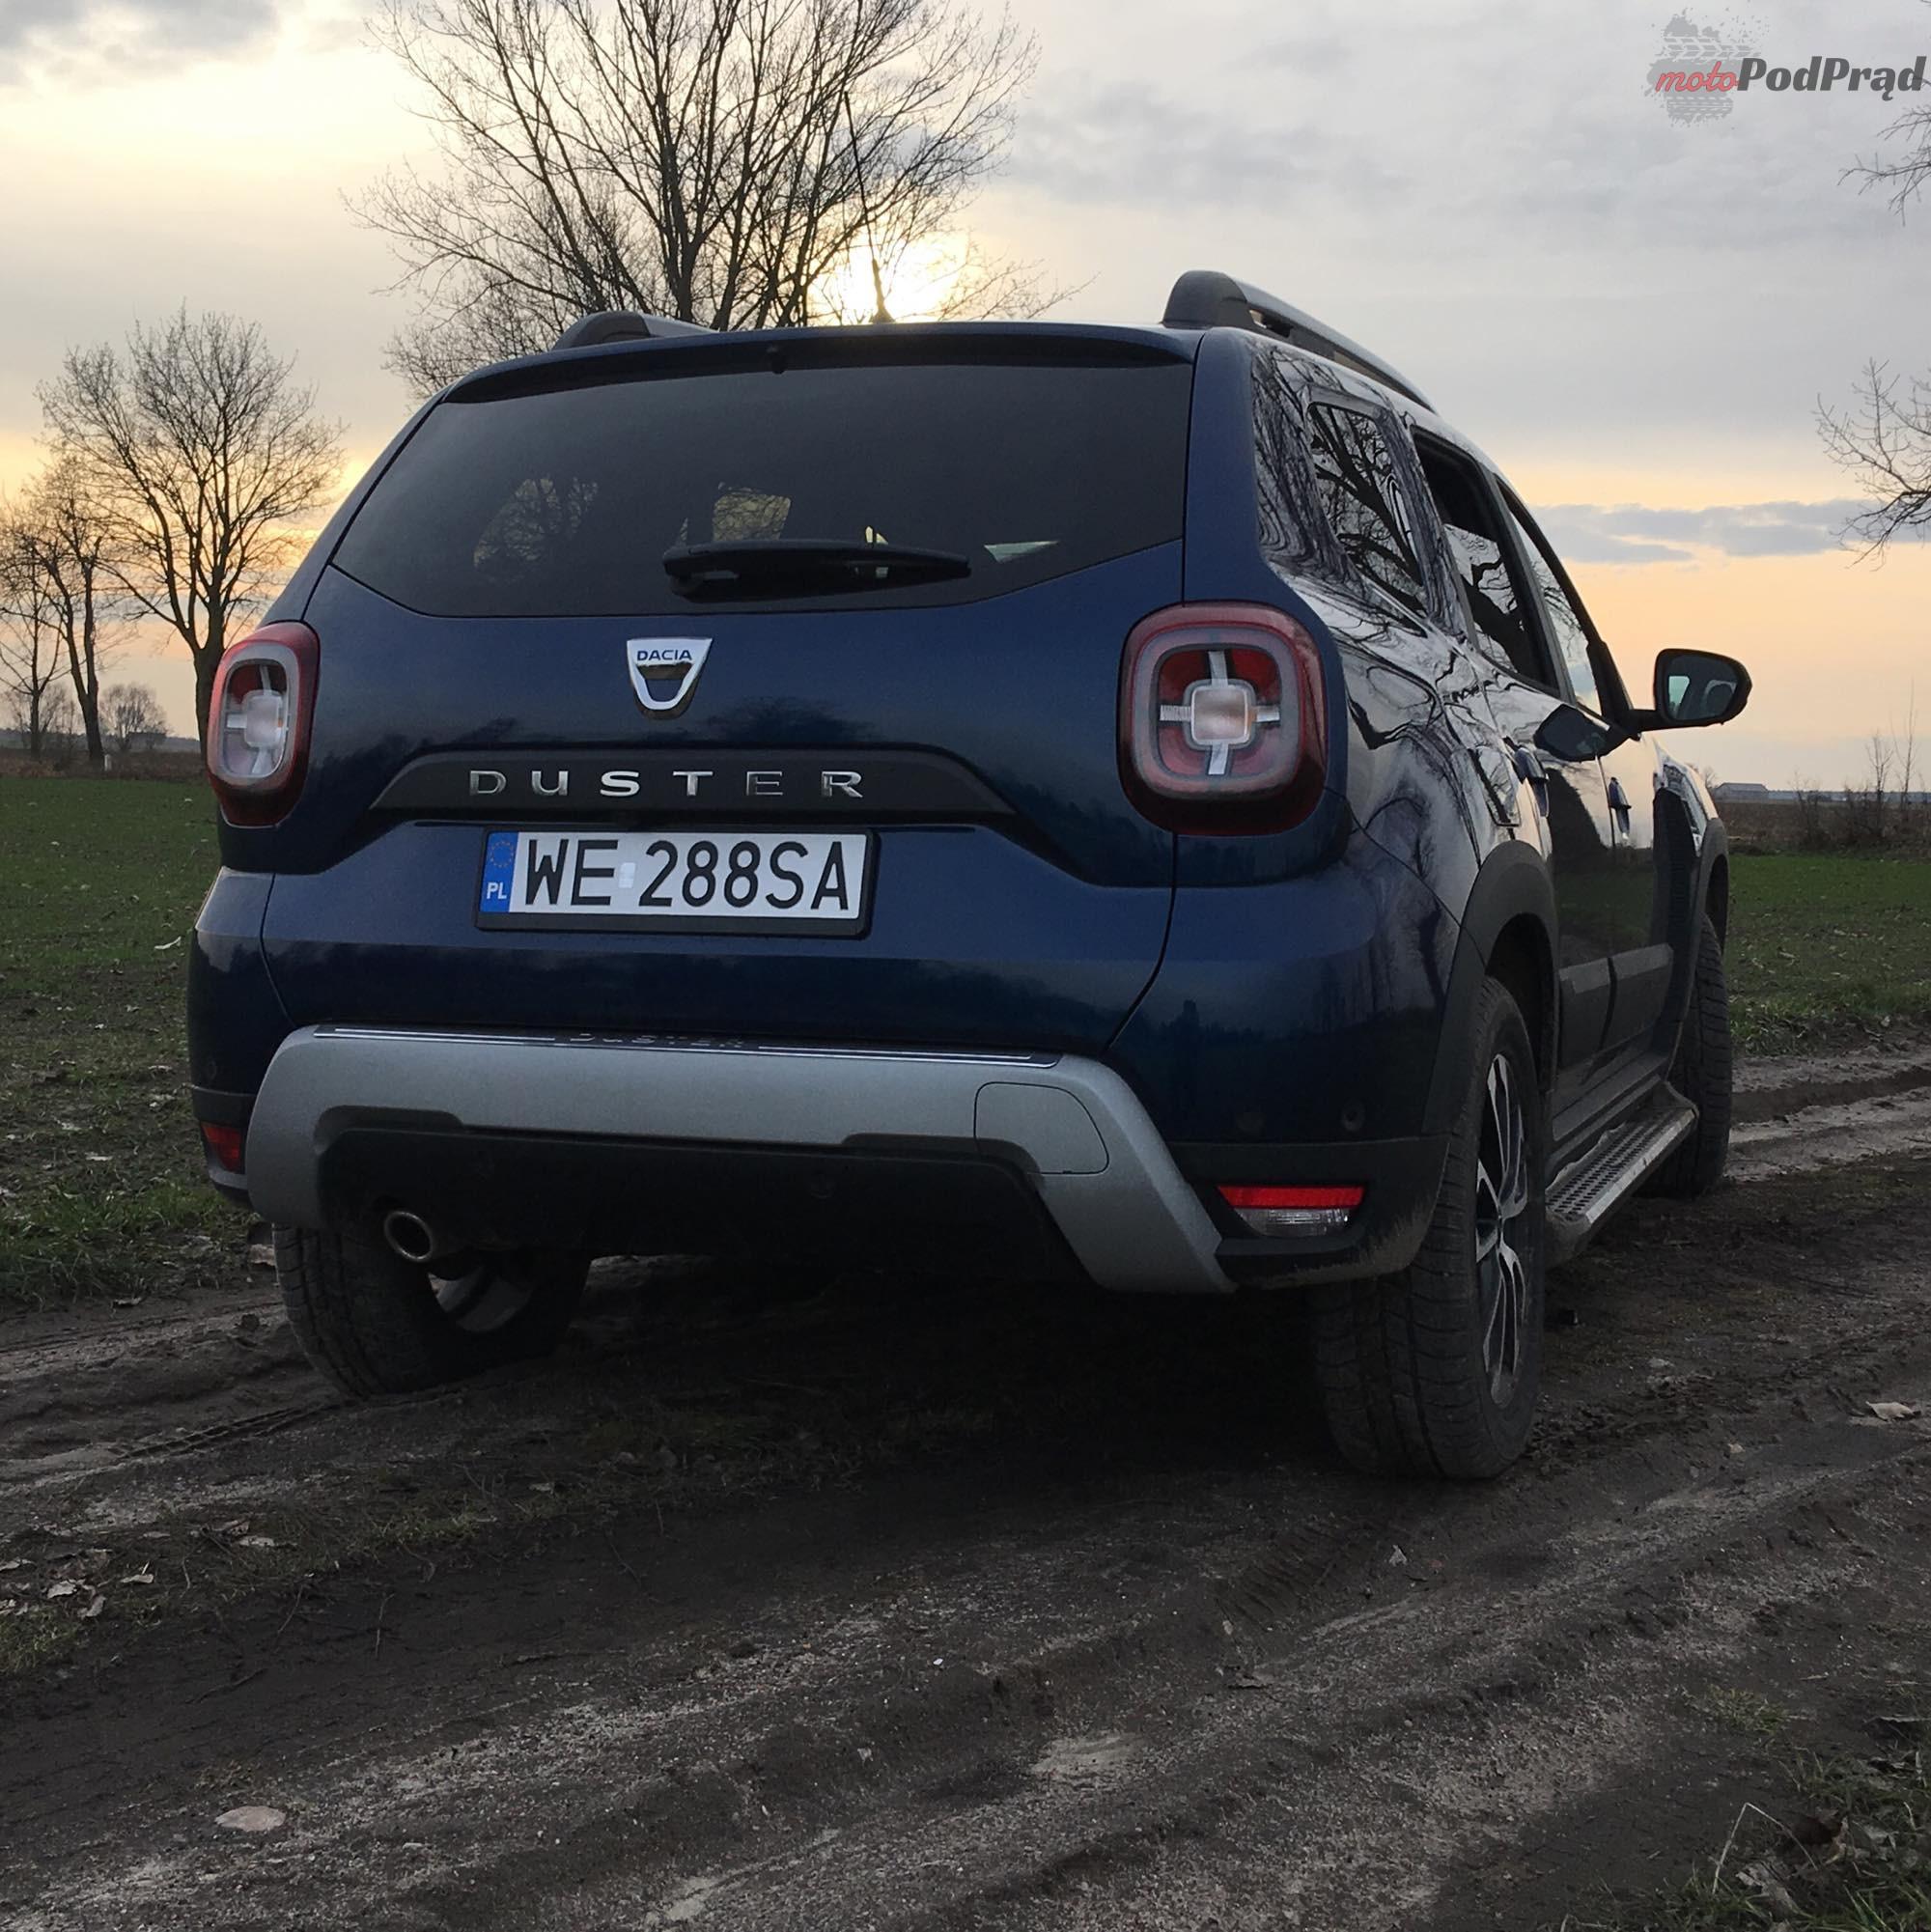 27786225 1607599422641952 498999994 o Tanio, a dobrze   nowa Dacia Duster